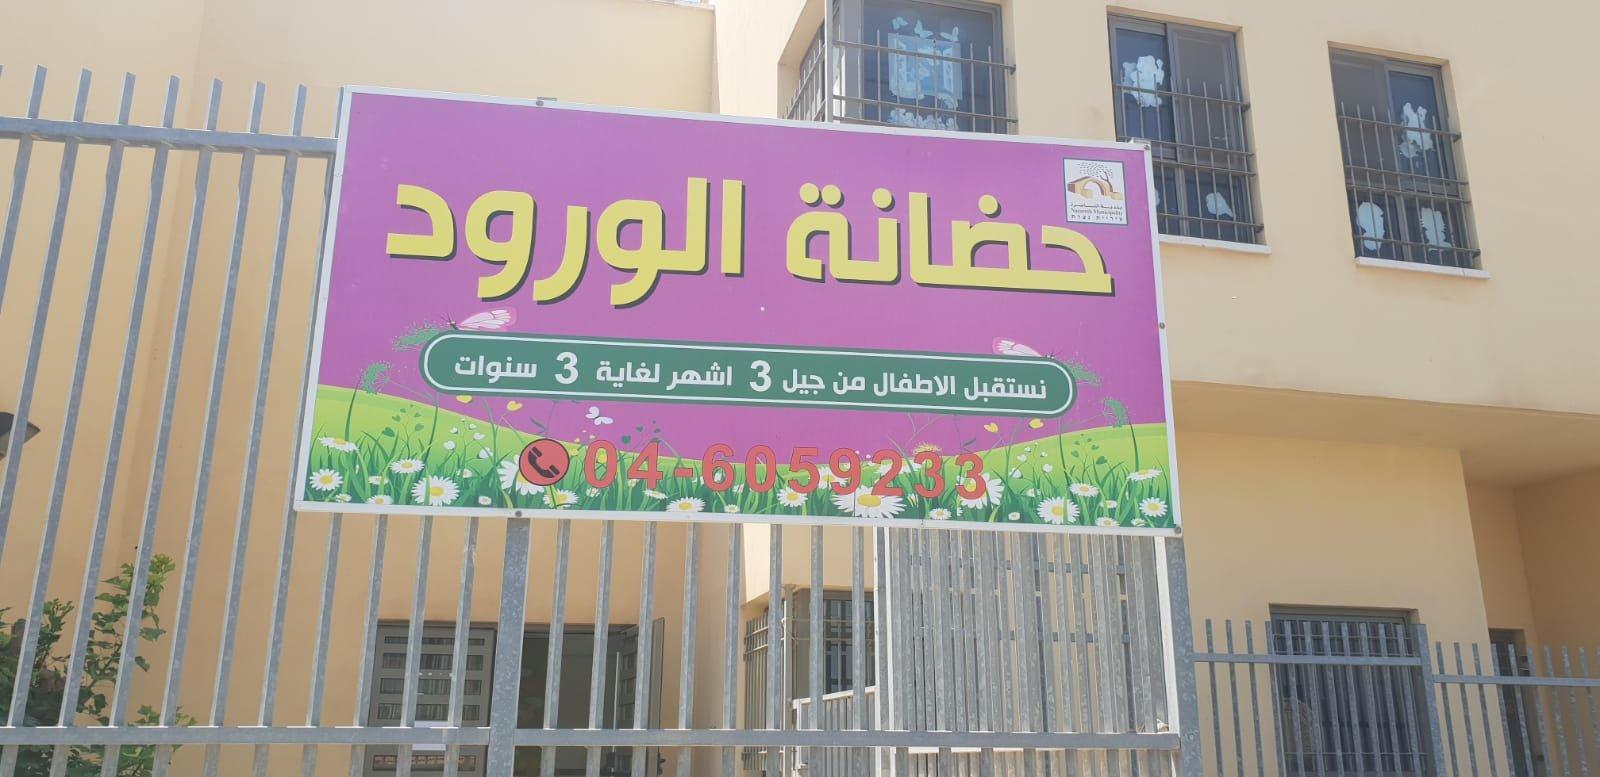 الناصرة: حضانة الورود تثبت أقدامها وتستعد للسنة القادمة